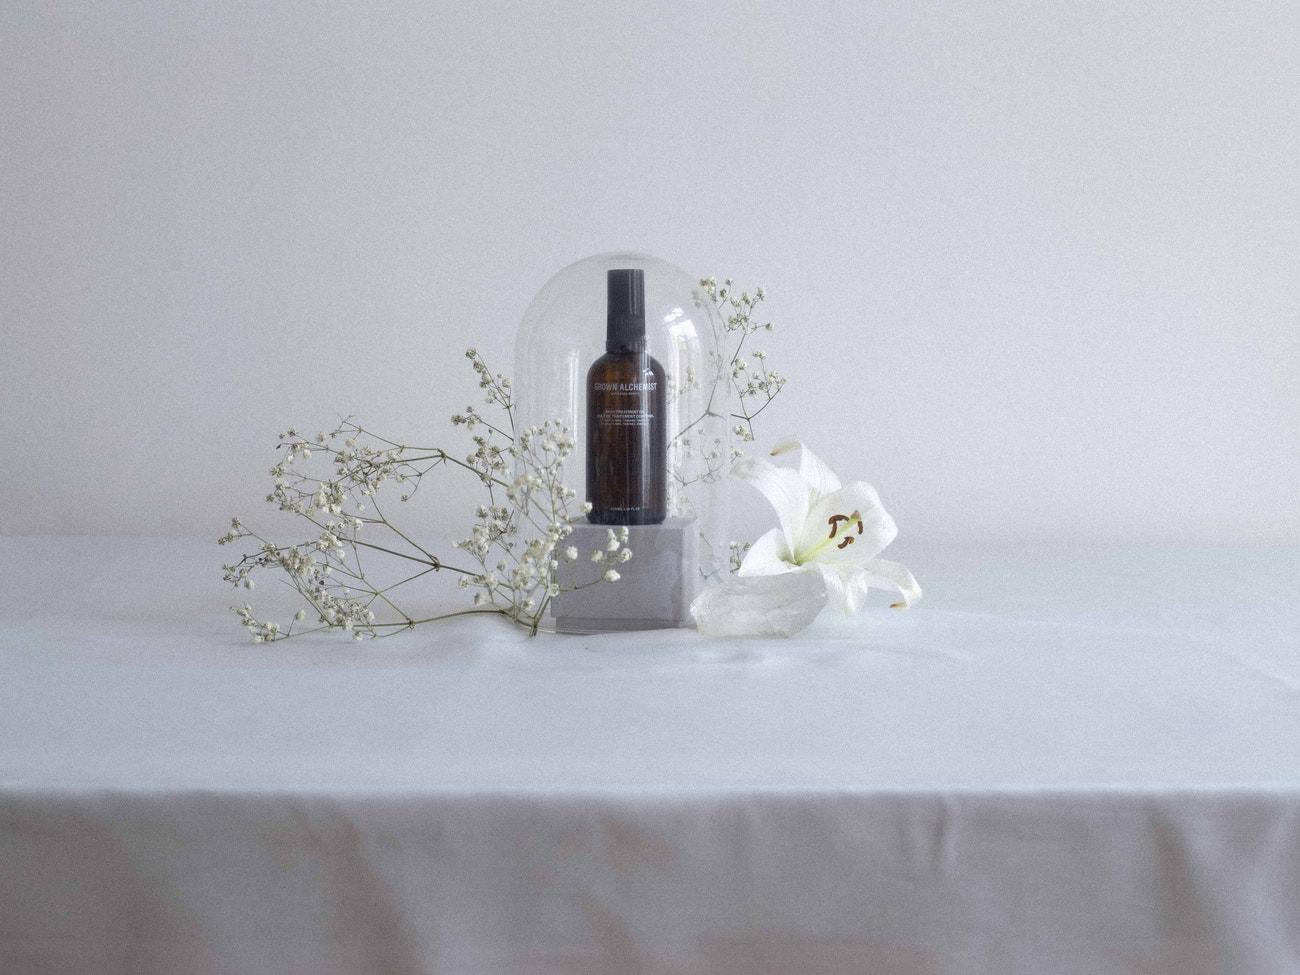 Tělový olej Body Treatment Oil, GROWN ALCHEMIST, prodává Douglas, 760 Kč